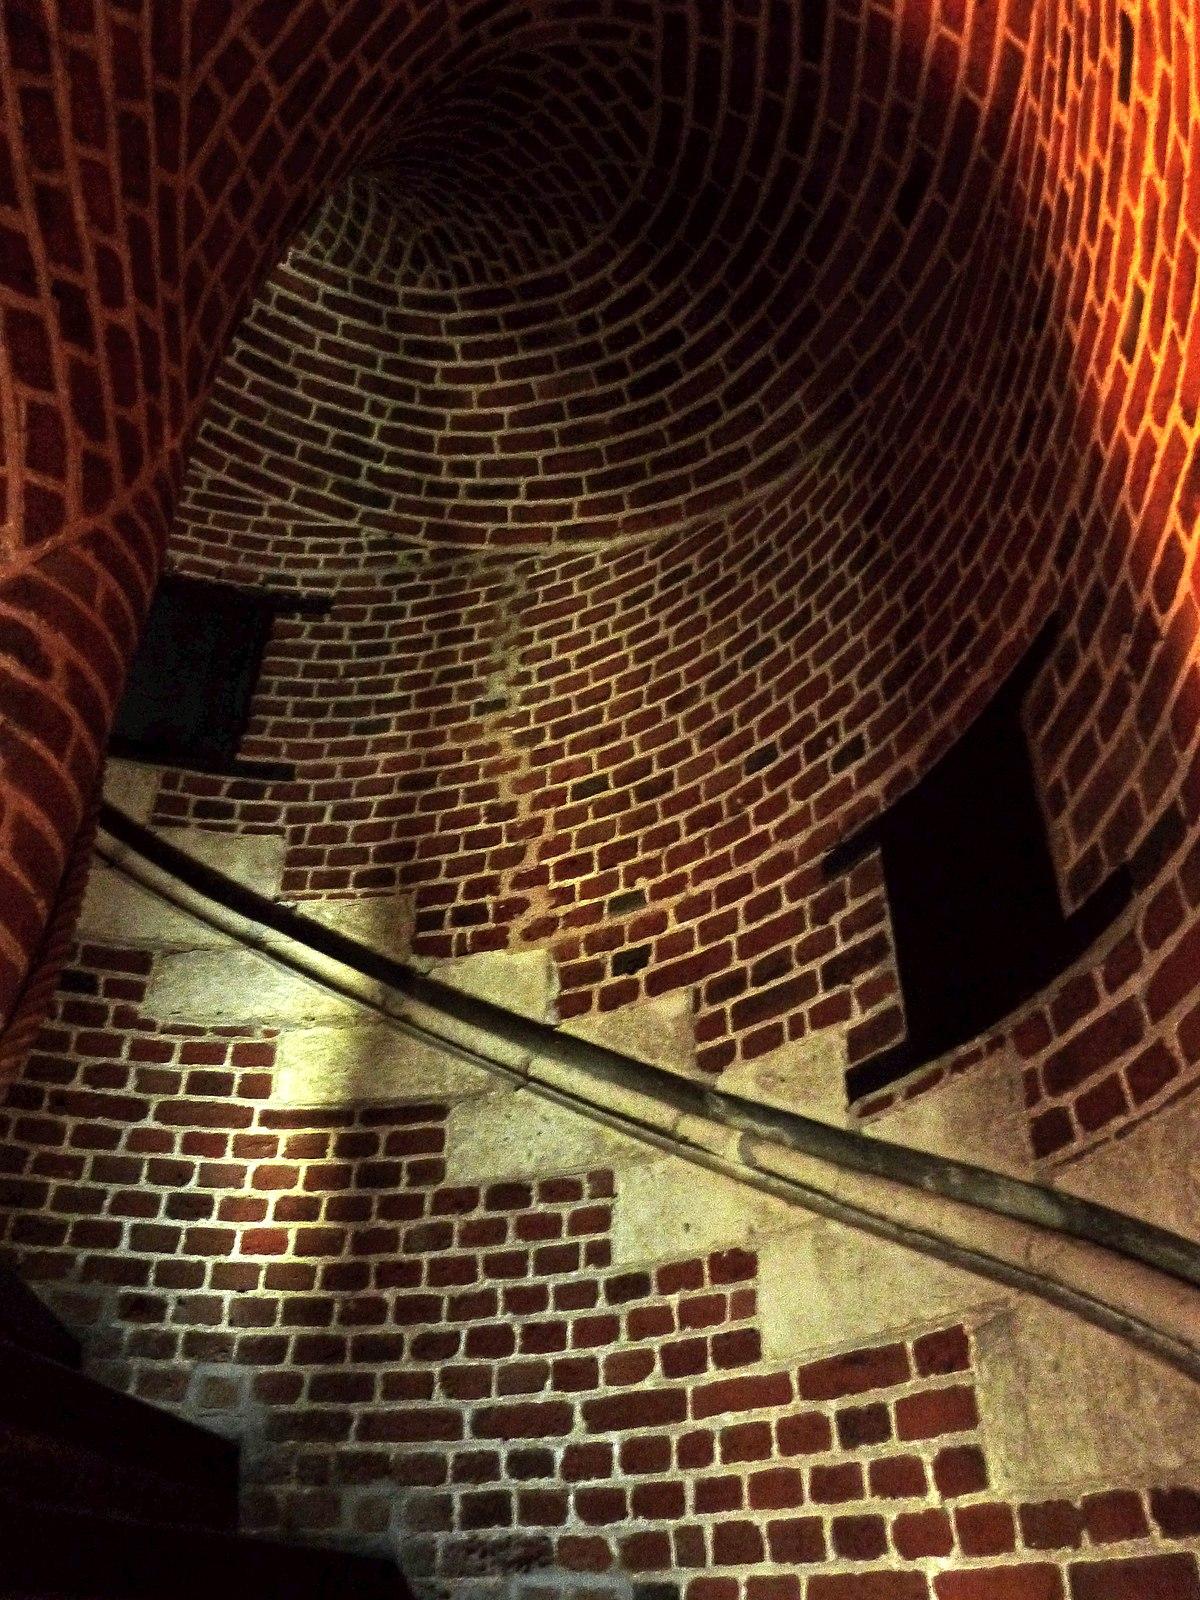 Escalier Dans La Maison fichier:escalier de la maison de tristant l'hermite